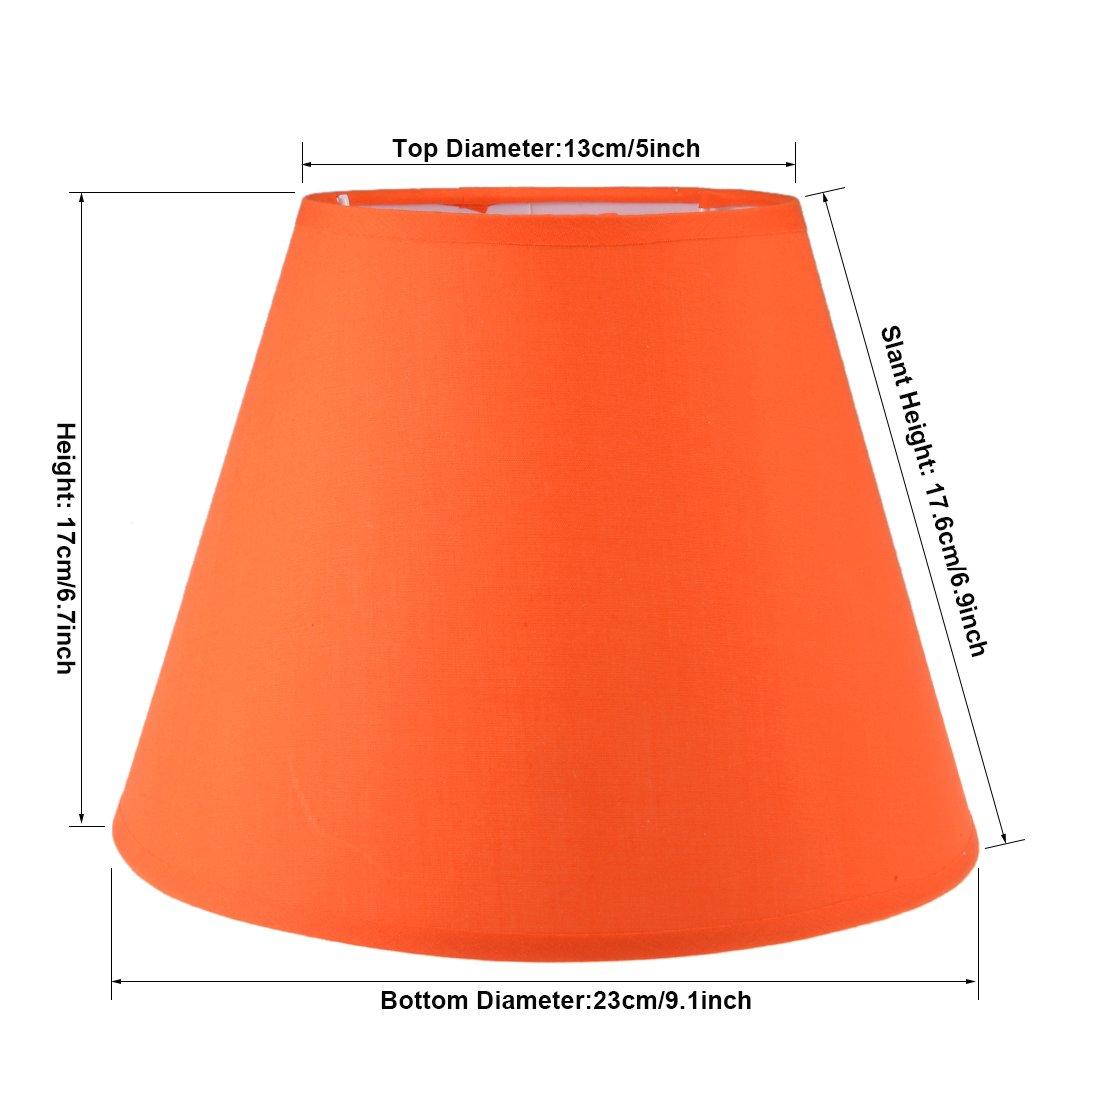 sourcing map paralumi Lampada da terra a luce ombra coprire 5.1x9x6.7 pollice arancione